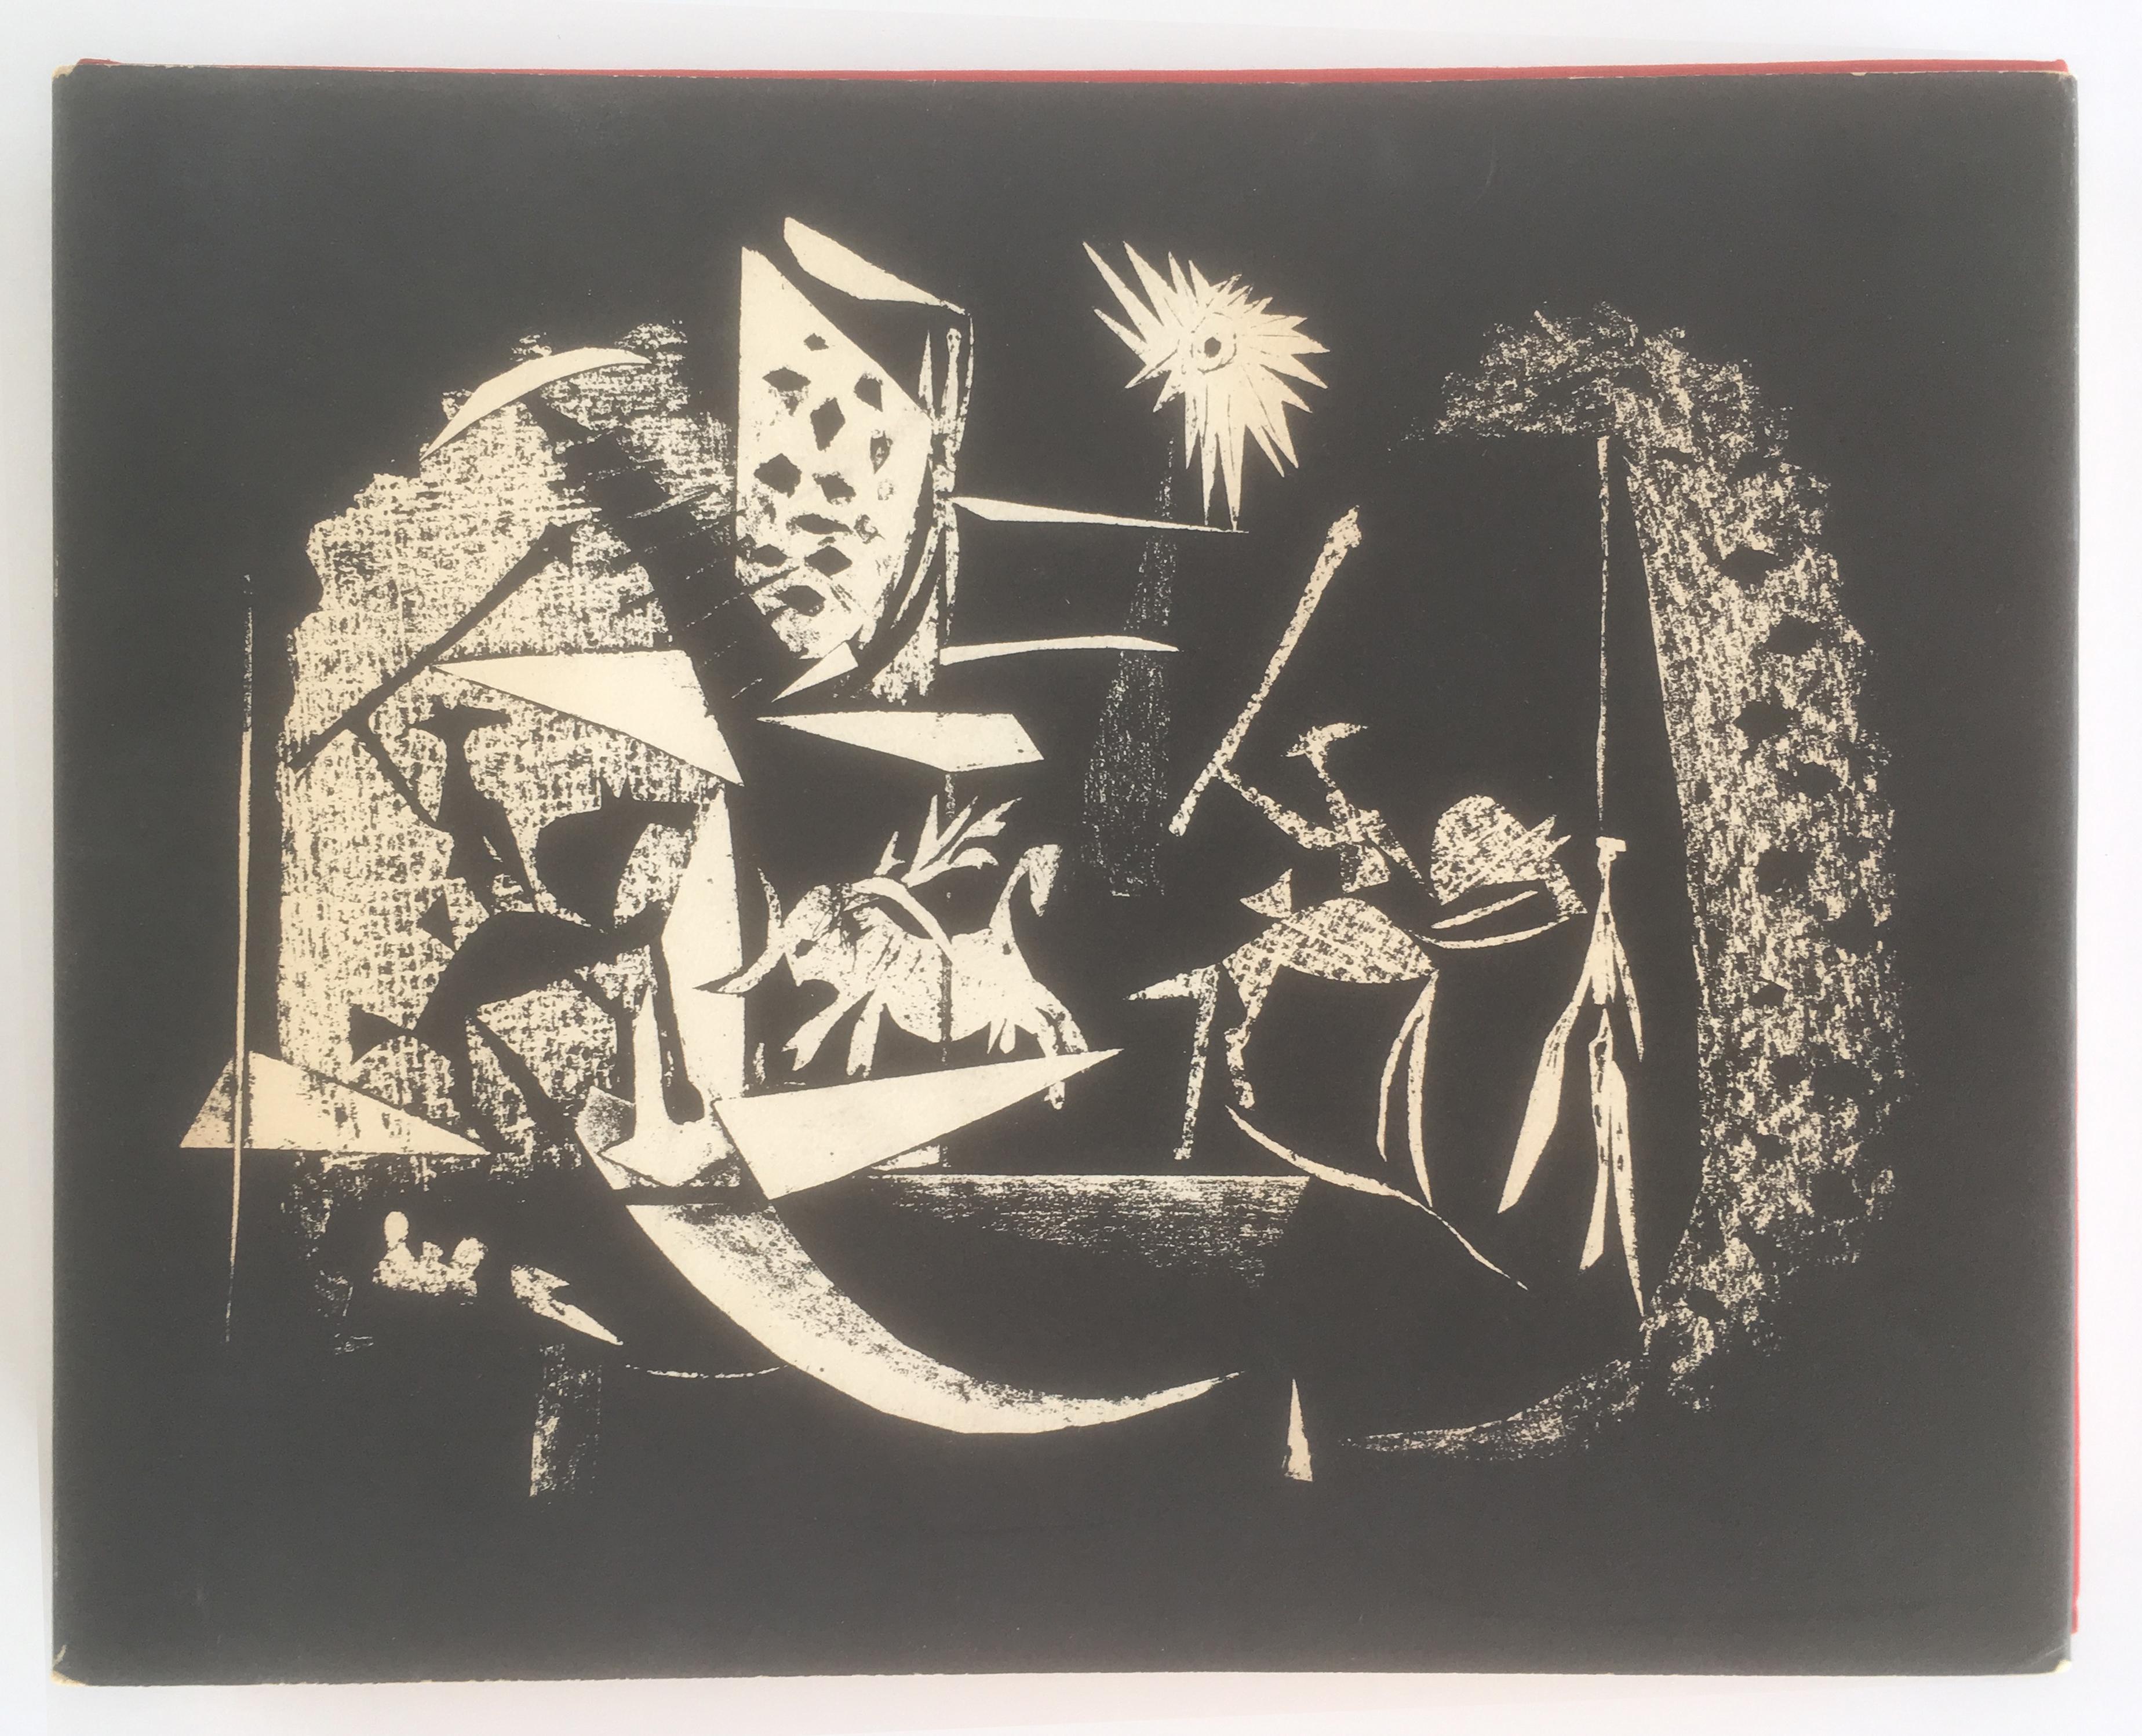 Toreros (4 Original Lithographs by Pablo Picasso and Jamie Sabartes)